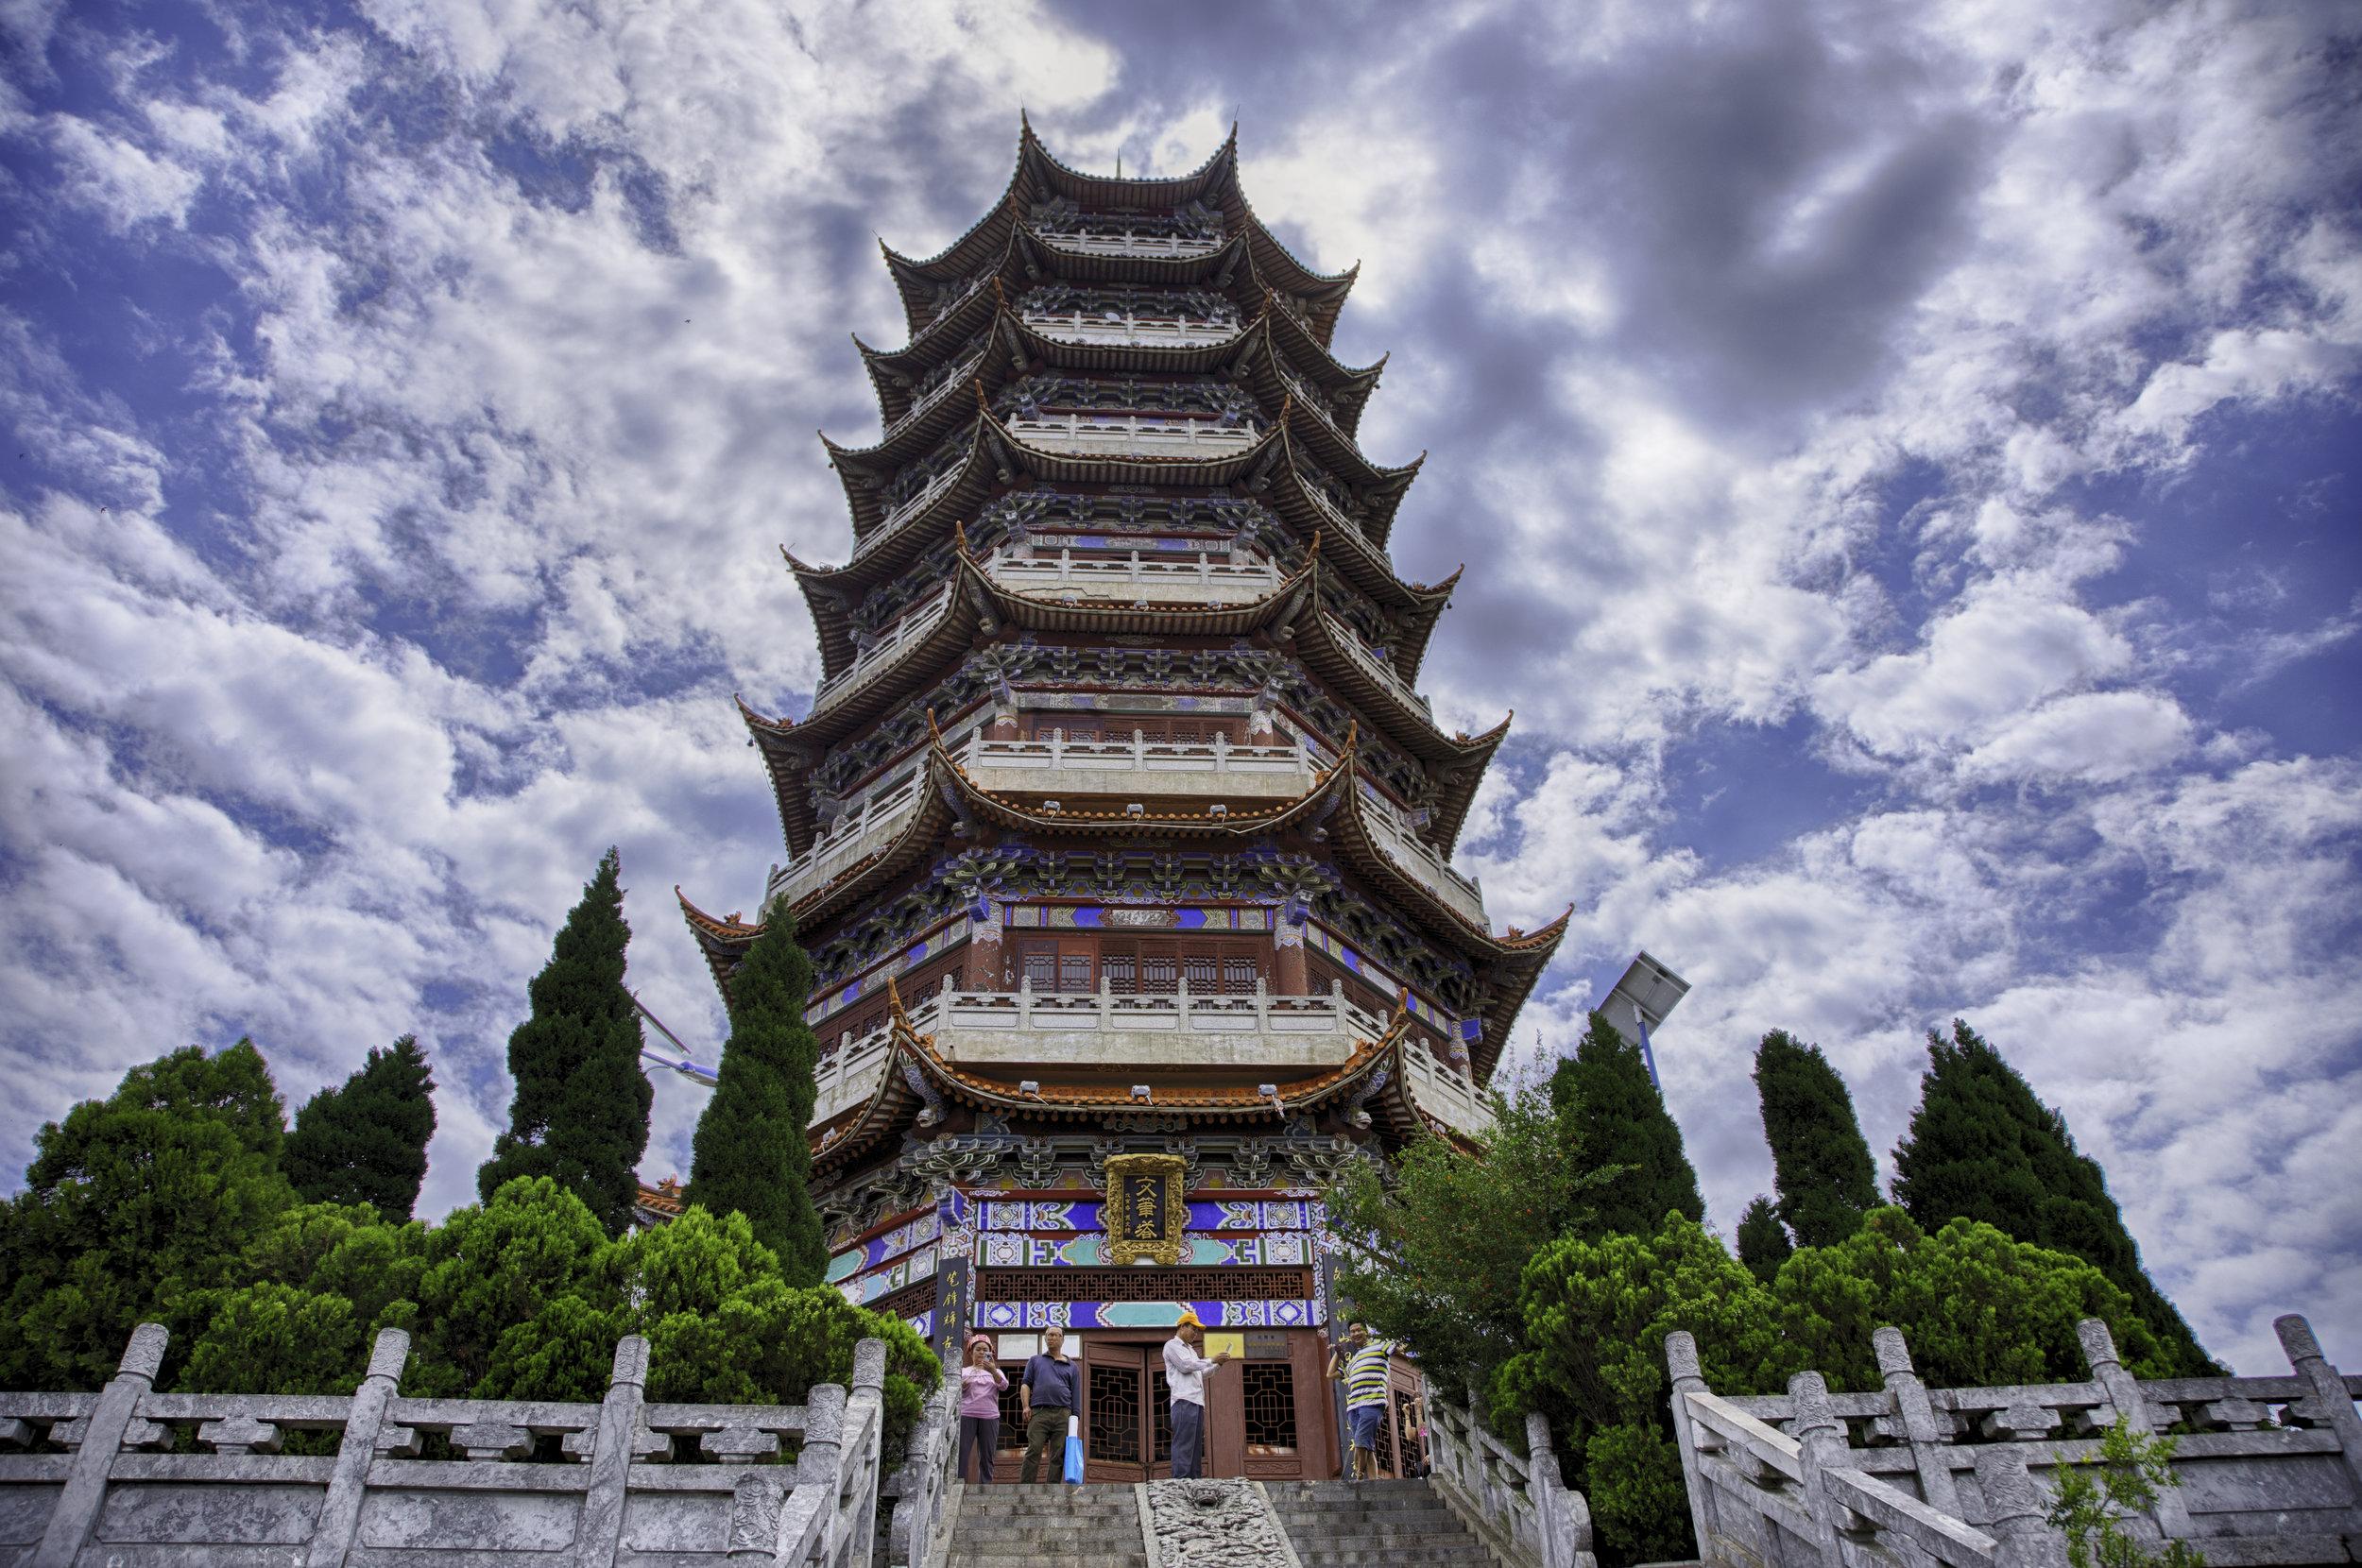 Pagoda in Wenshan, China